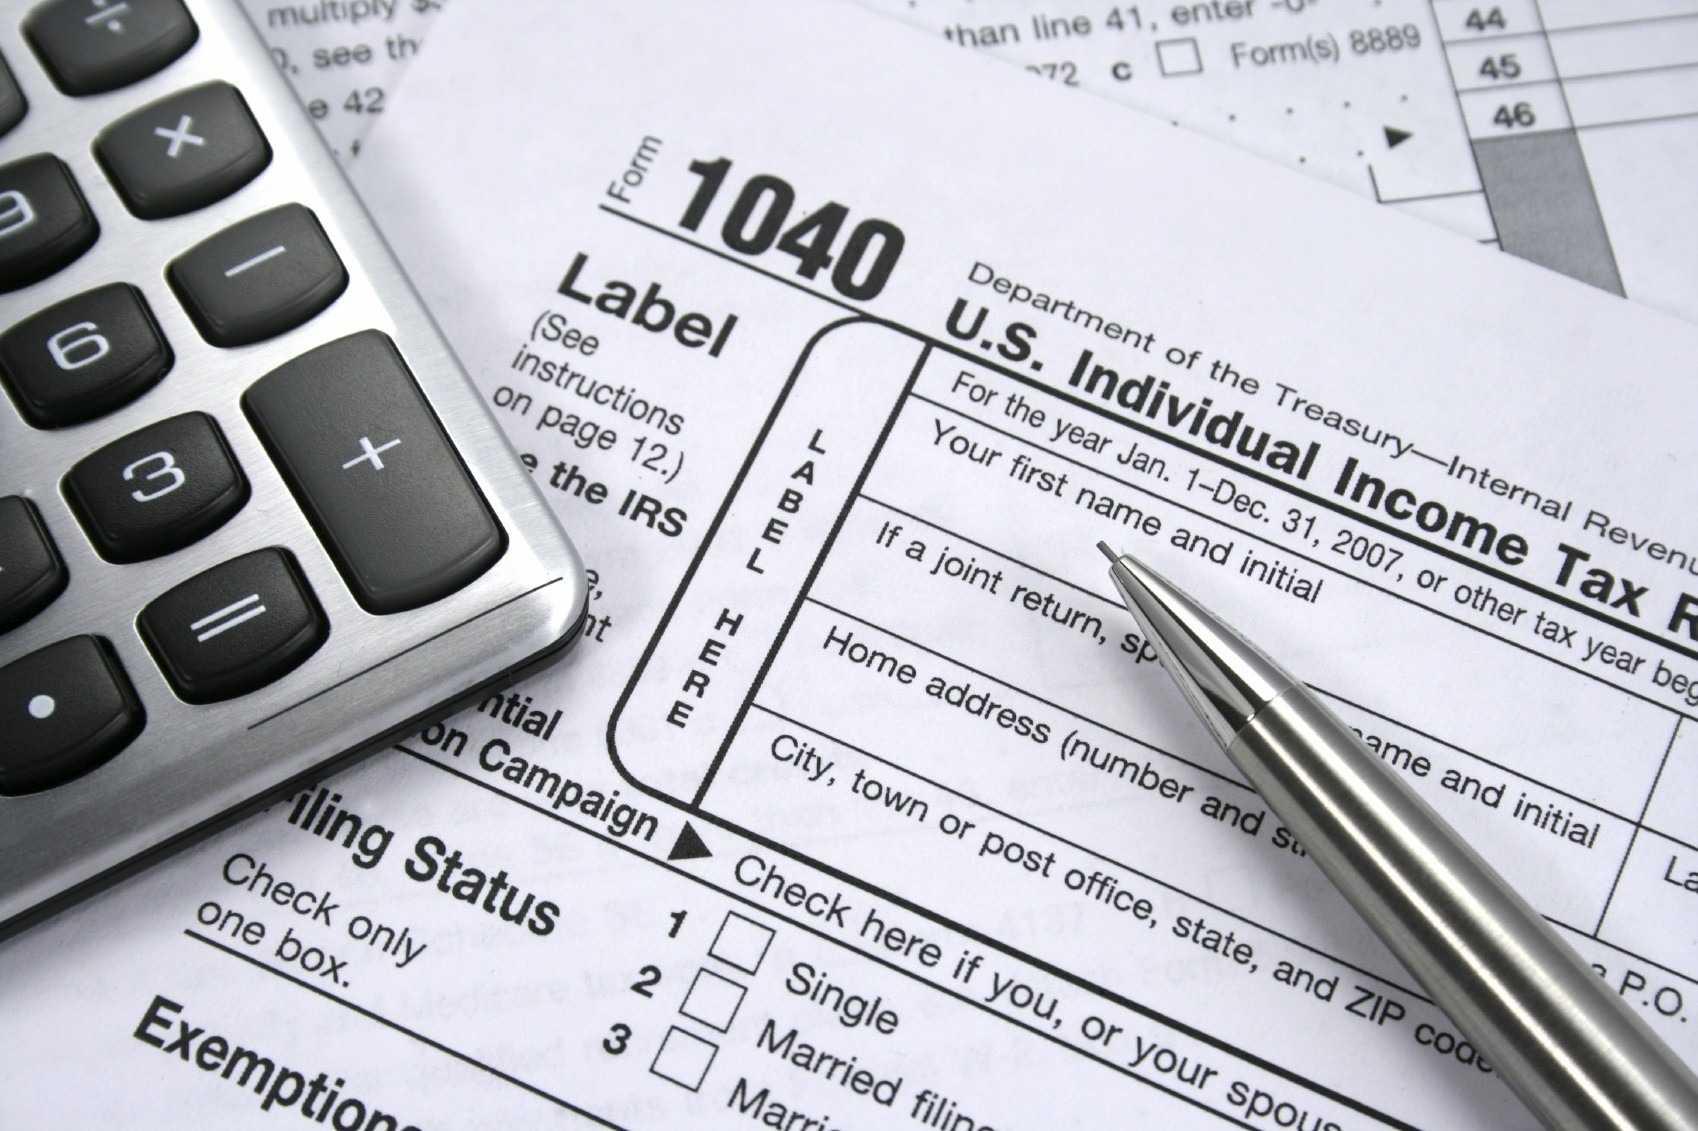 В Америке ищут лиц, уклоняющихся от налогов, с помощью биткоина